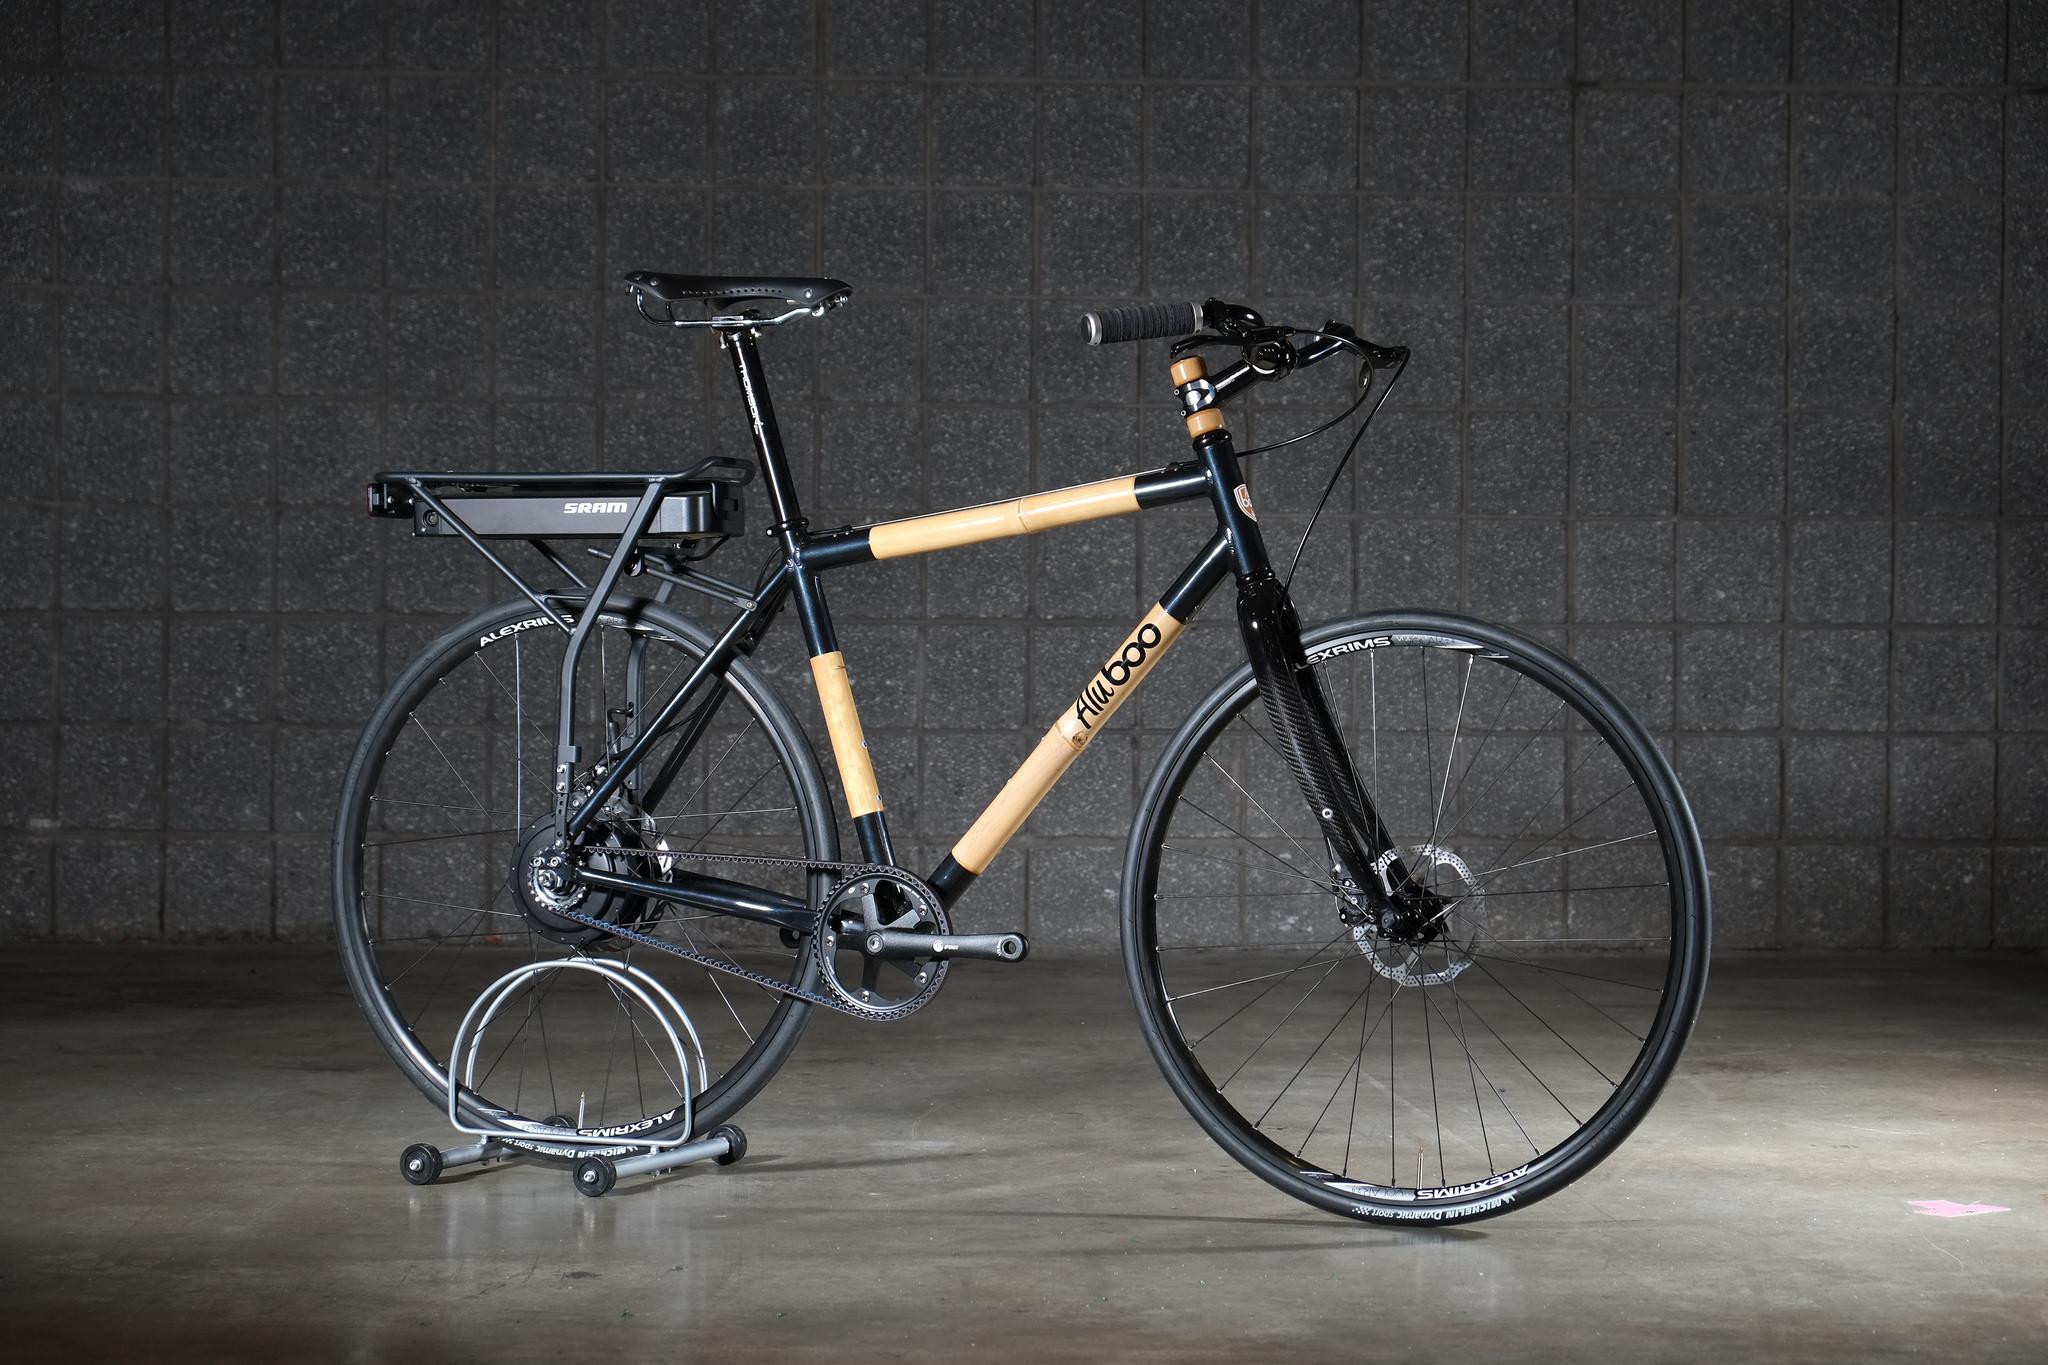 NAHBS 14_SRAM_Boo_complete bike